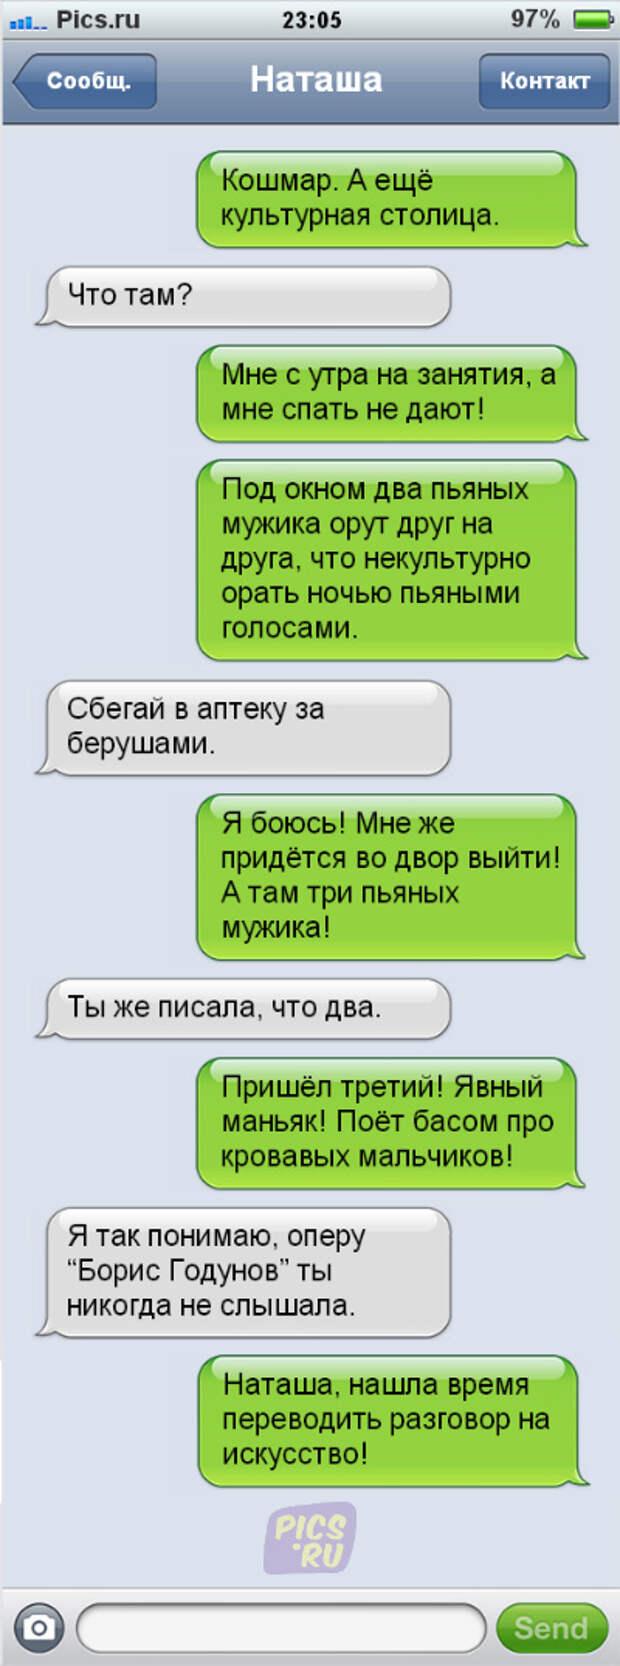 smspiter09